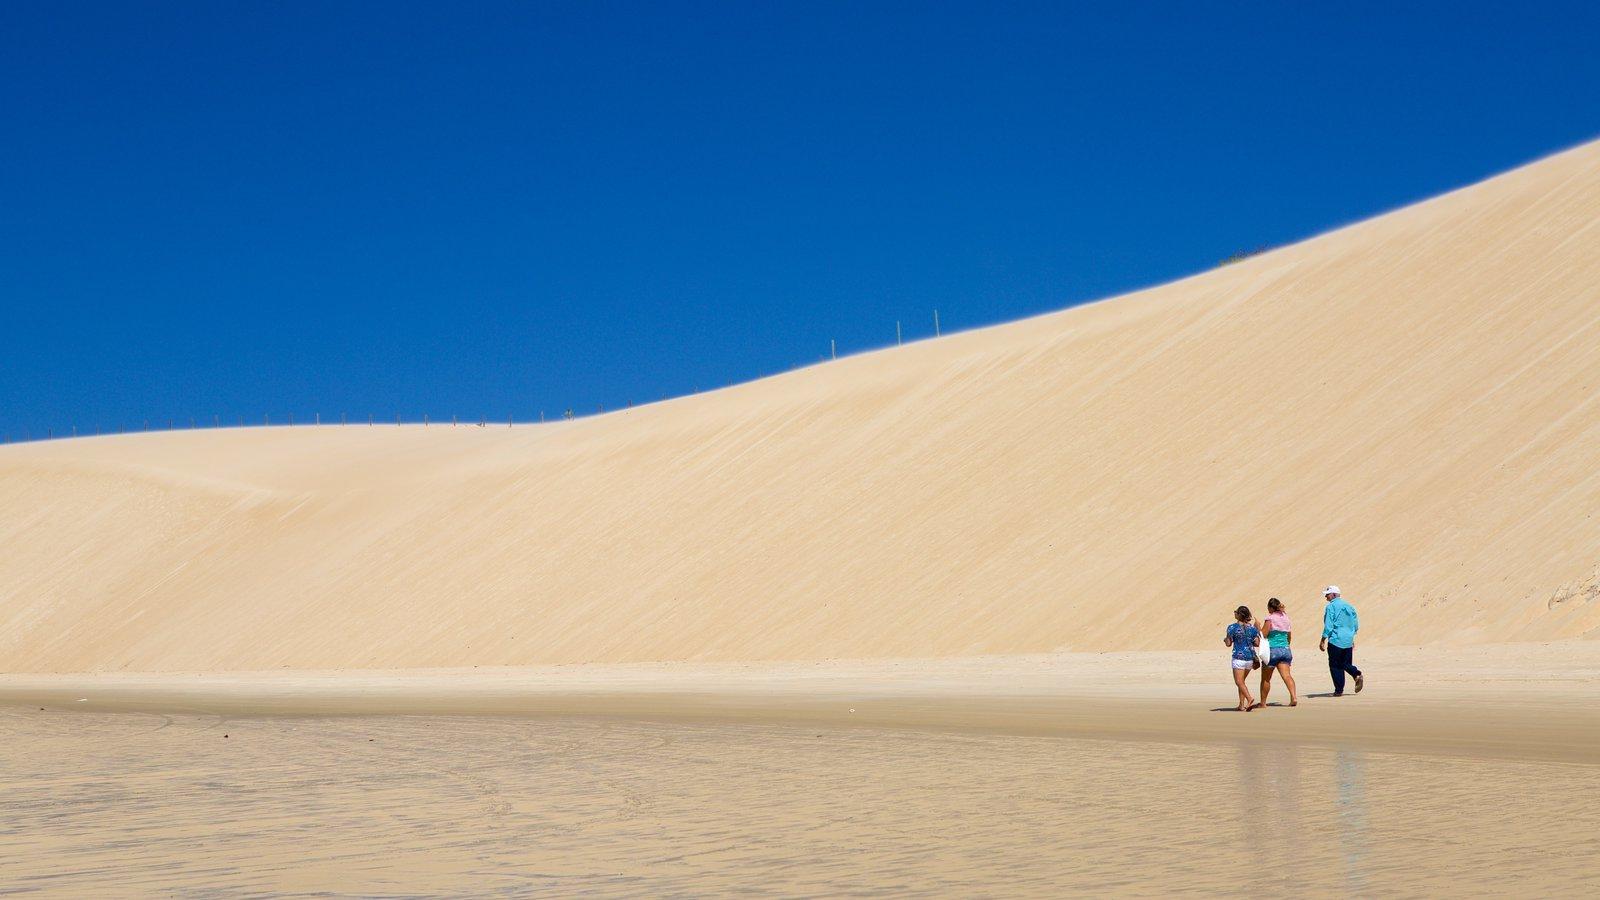 Praia de Genipabú mostrando paisagens litorâneas e uma praia assim como um pequeno grupo de pessoas